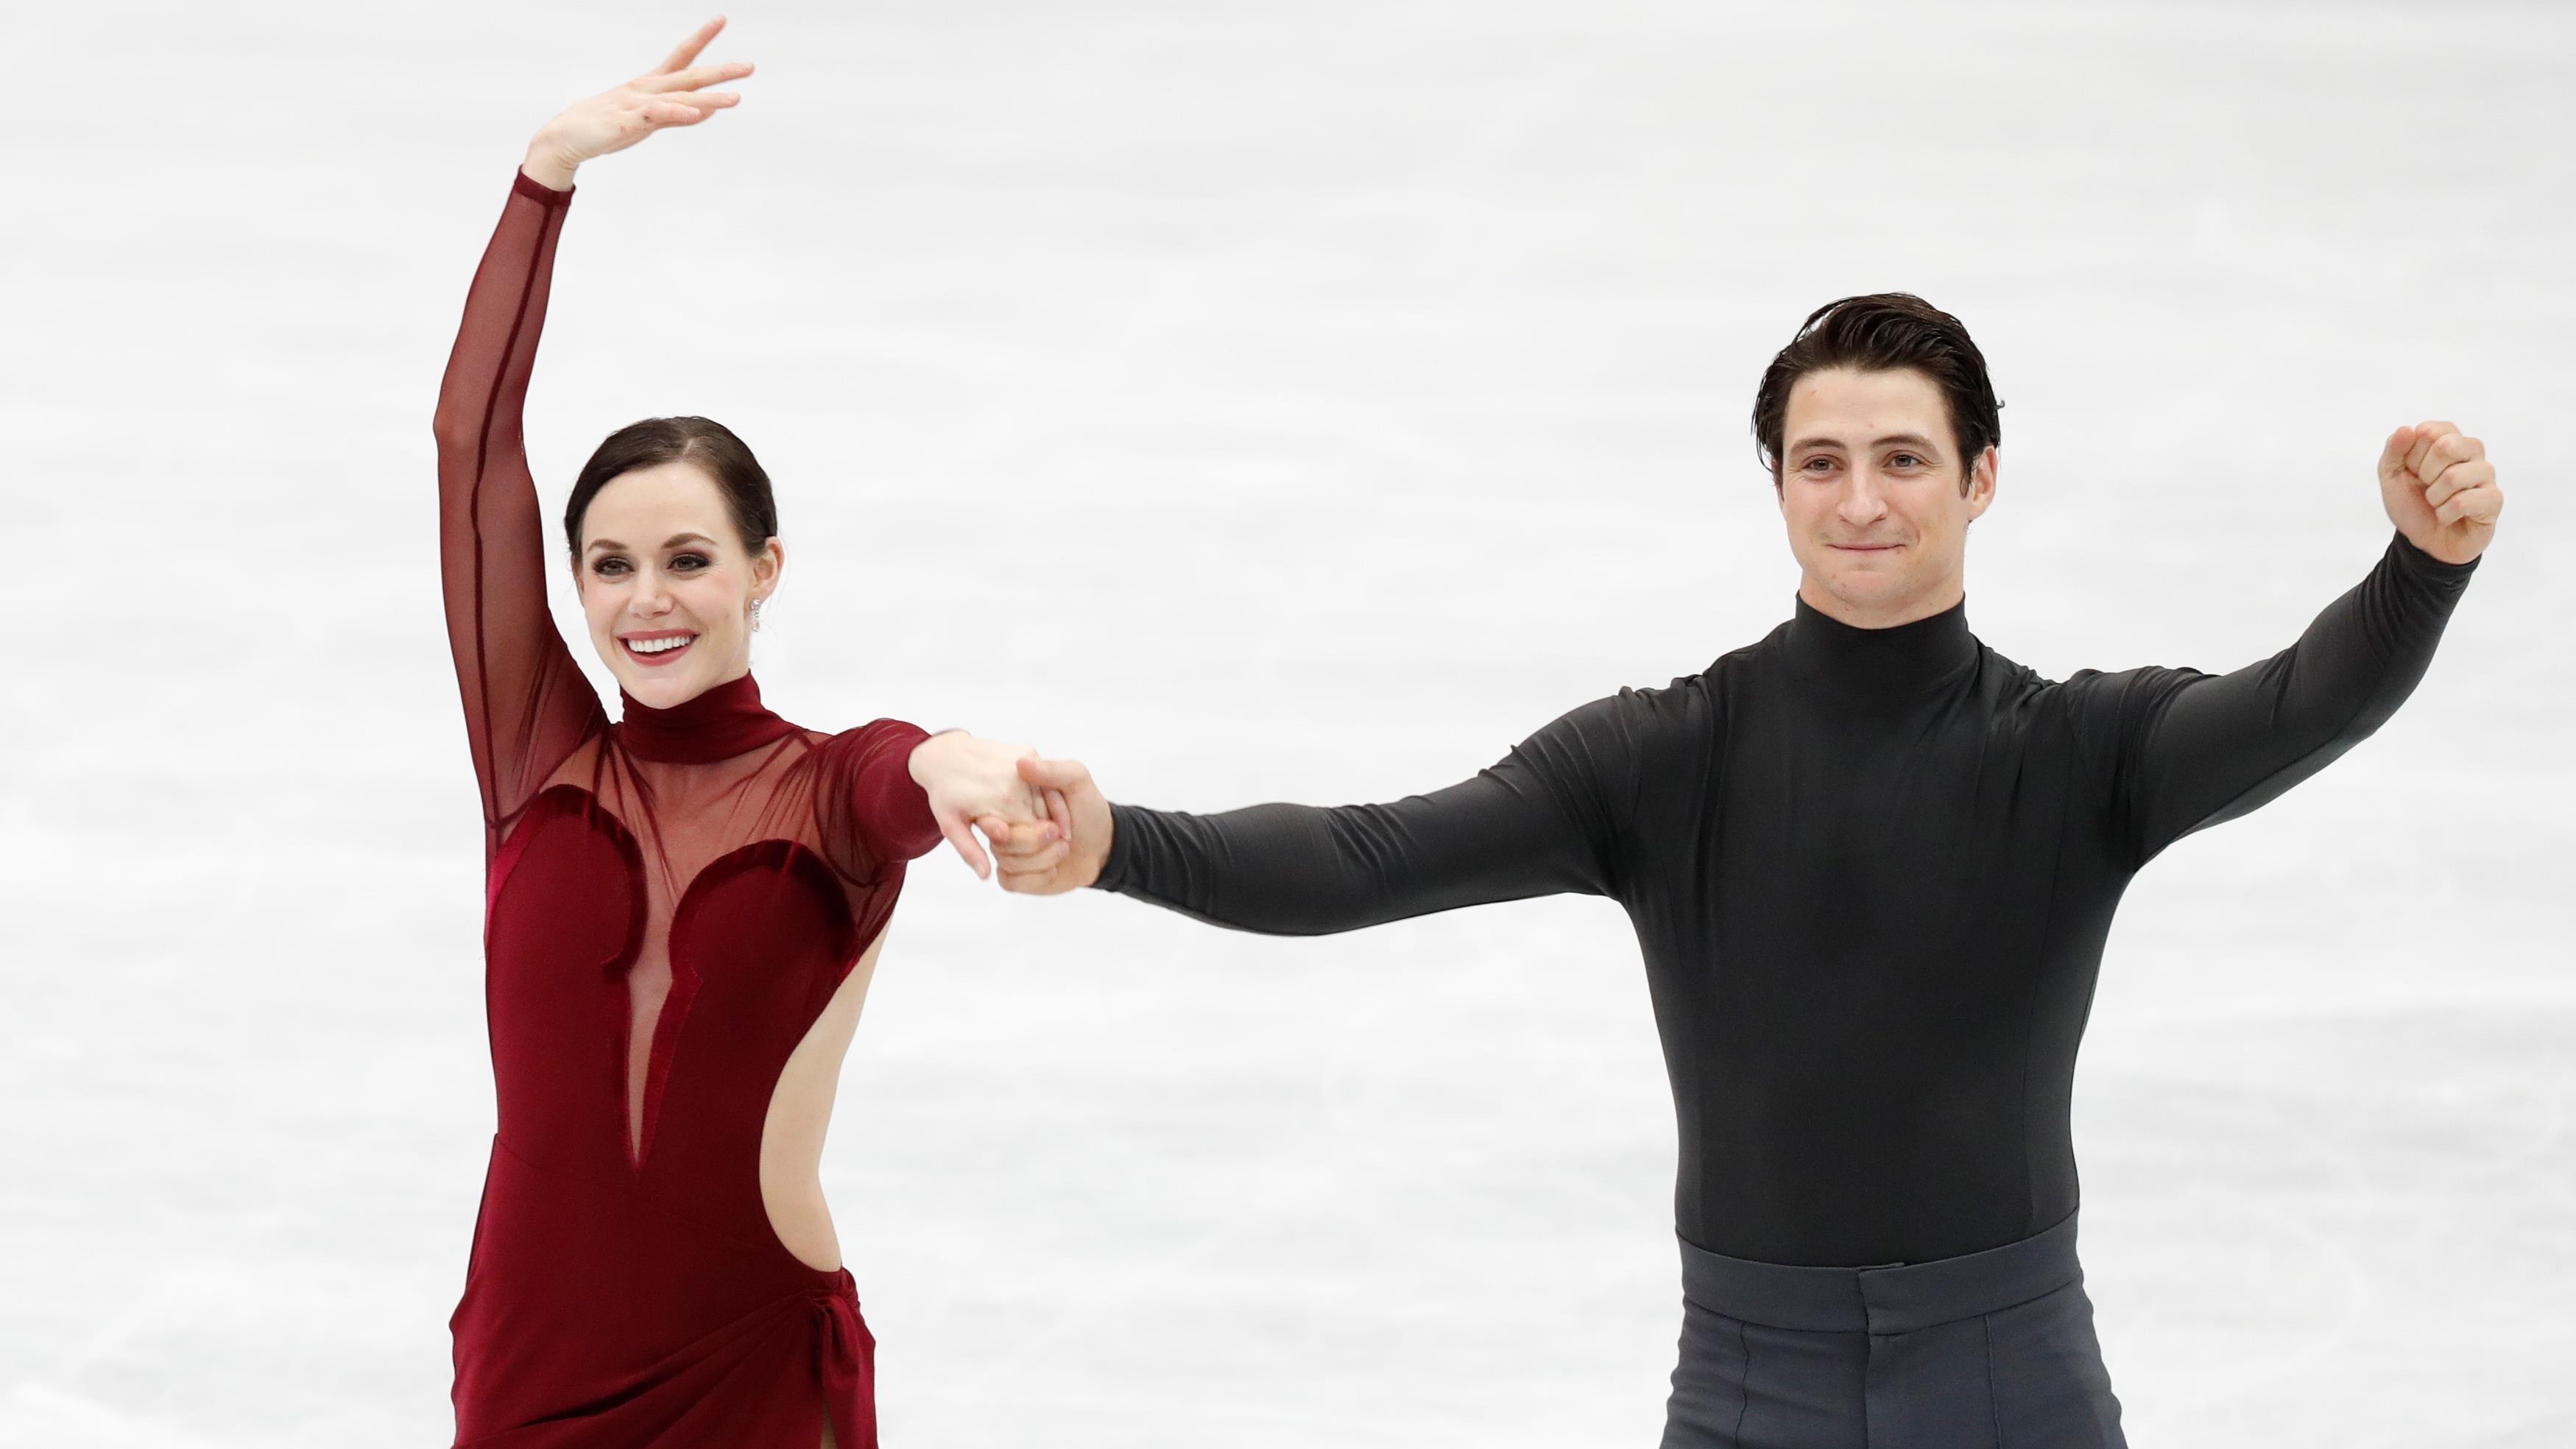 Tessa Virtue et Scott Moir seront les porte-drapeau du Canada aux Jeux olympiques de Pyeongchang